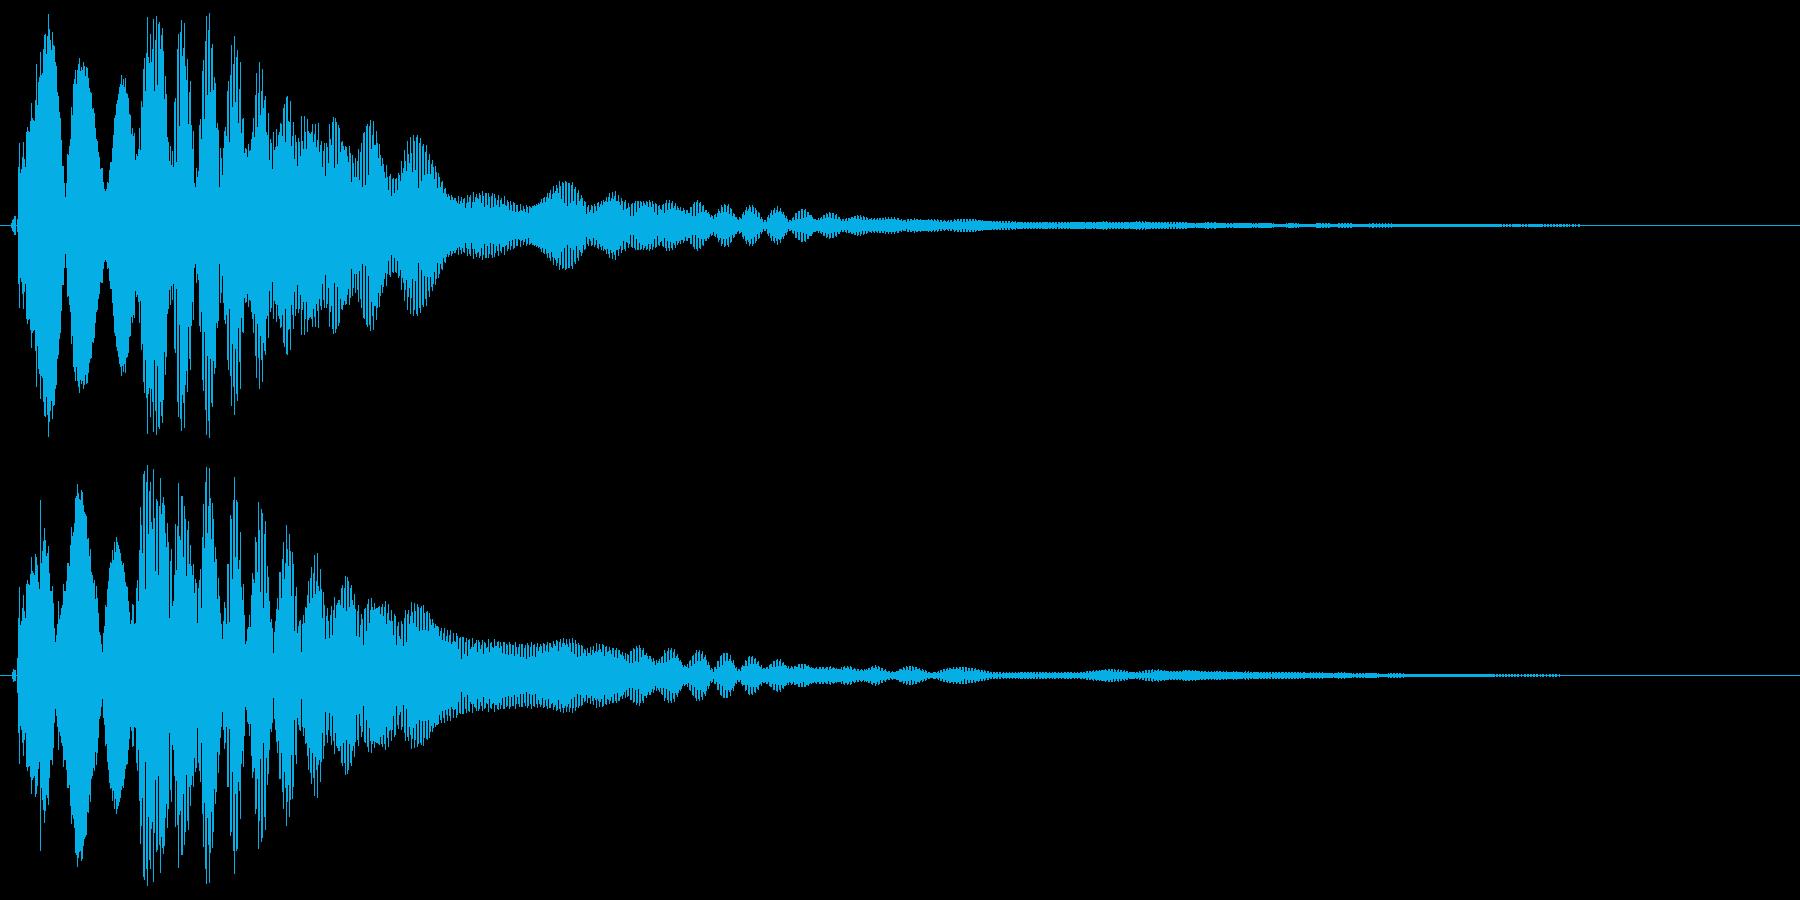 キラーン(コイン、ウィンク音など)の再生済みの波形